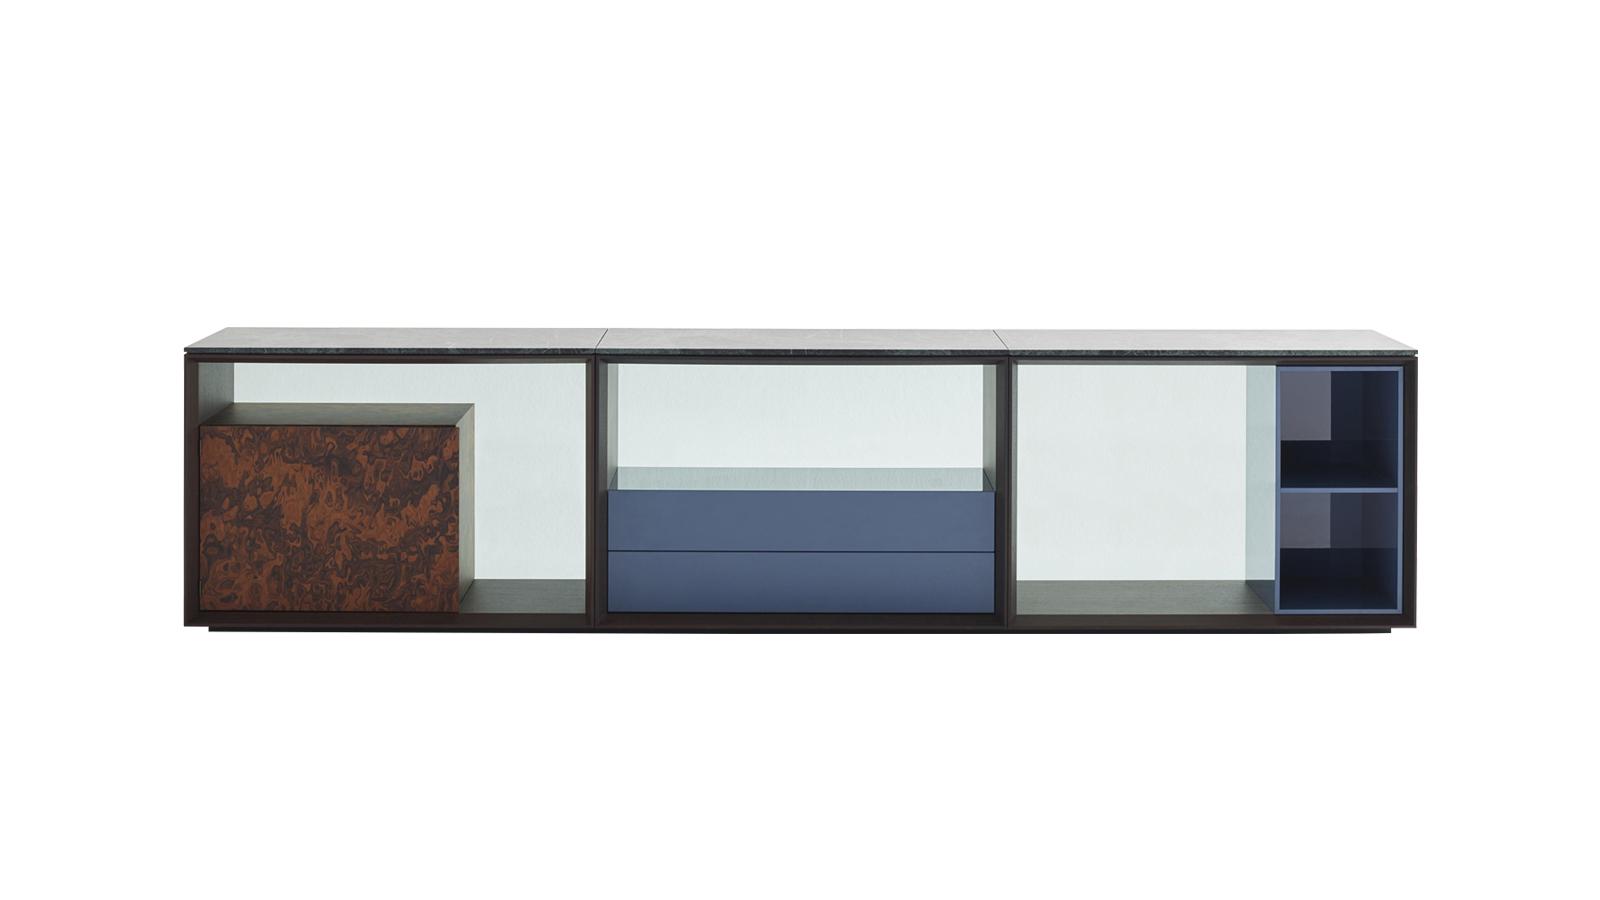 Az üres és teli, a világos és sötét részletek érzéki váltakozása a Matrioska Credenza szekrény. Akár egy bűvészmutatvány, egyszerre villant fel dolgokat és hagyja takarásban őket. A fiókokat, polcokat és dobozokat magában rejtő bútor a nappali üde színfoltja.